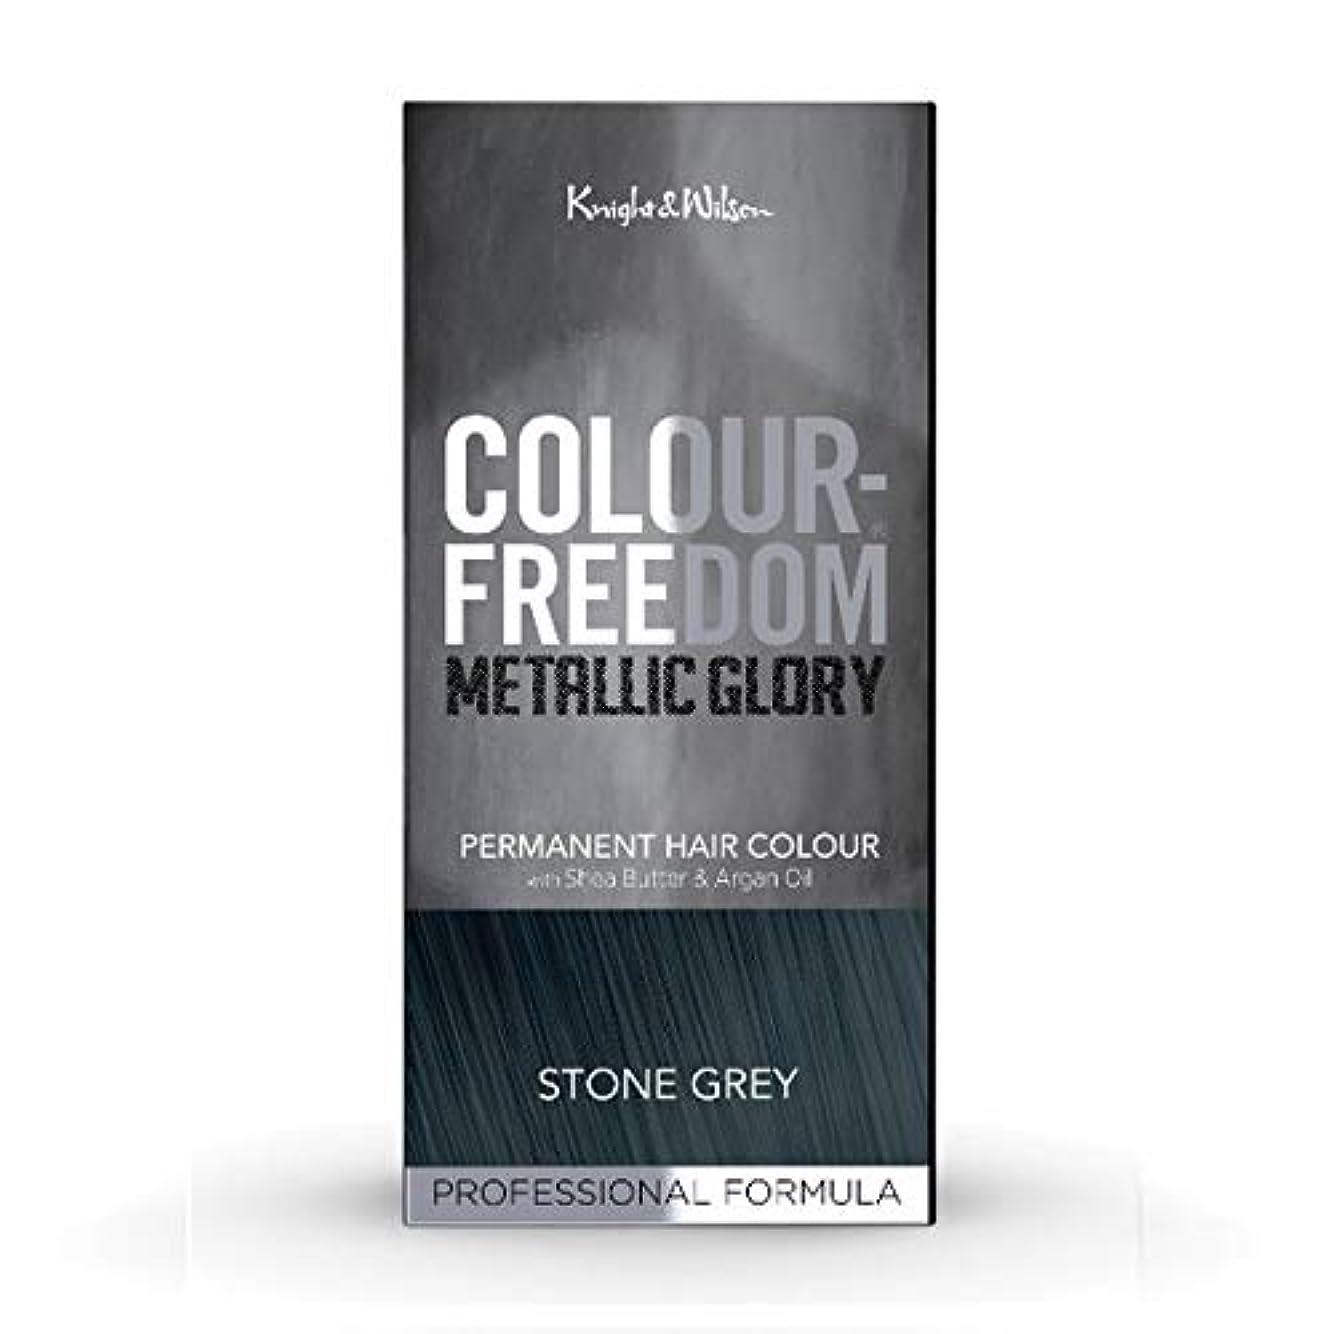 植生粉砕するキャンパス[Colour Freedom ] カラー自由メタリック栄光の石のグレー417 - Colour Freedom Metallic Glory Stone Grey 417 [並行輸入品]